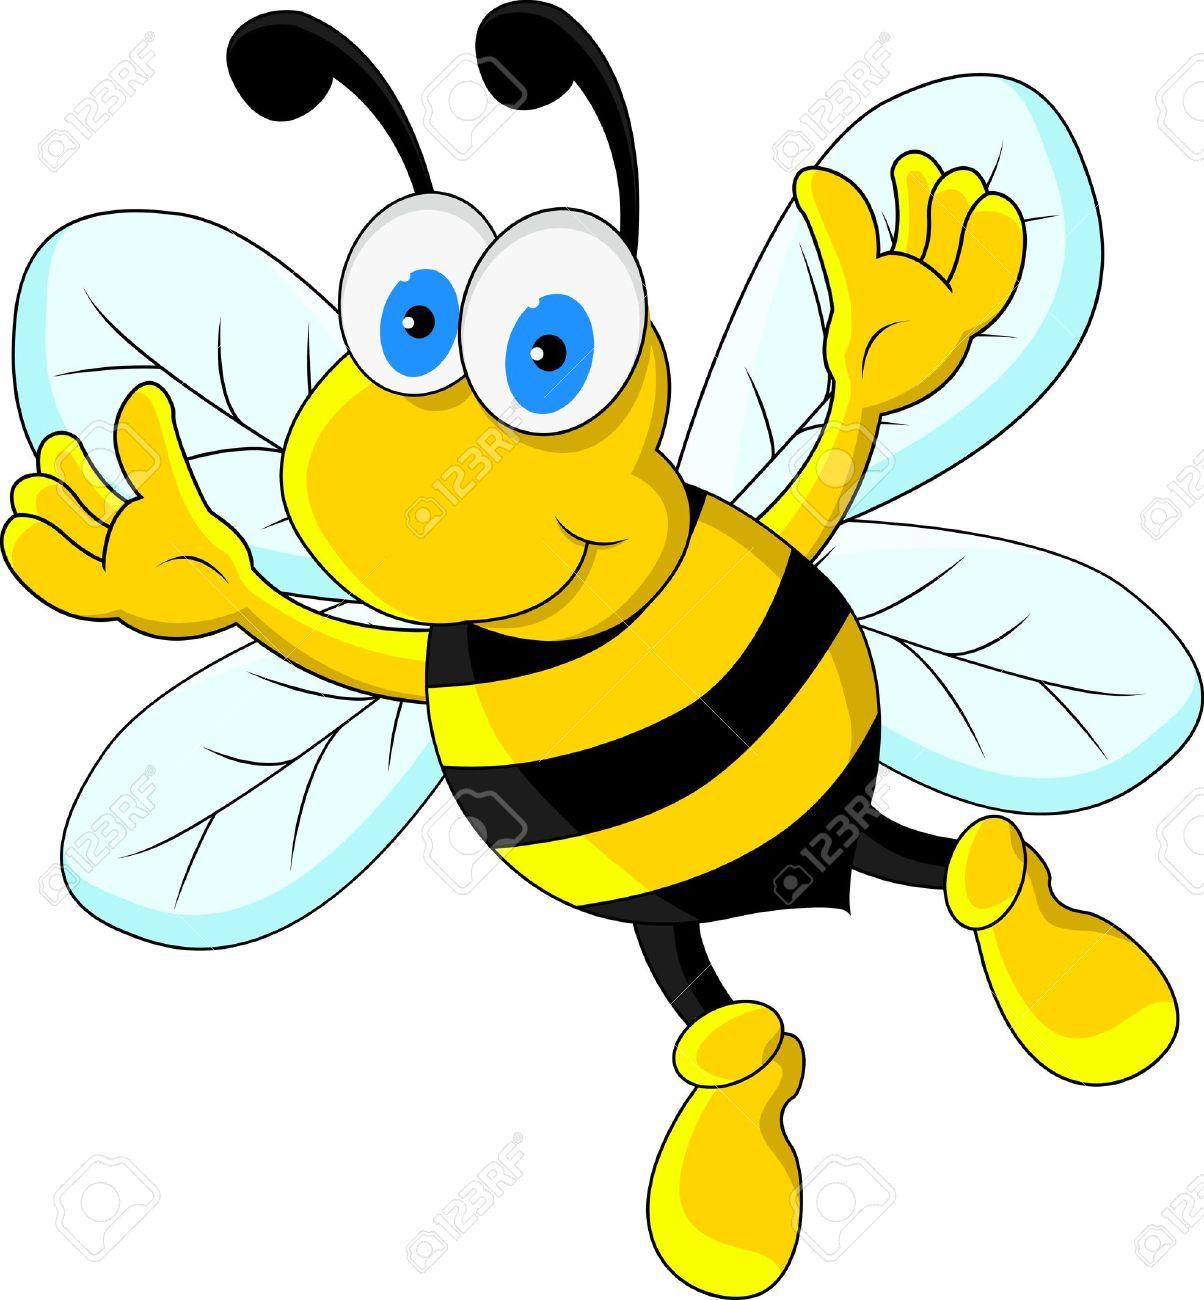 funny bee cartoon character - 14508841